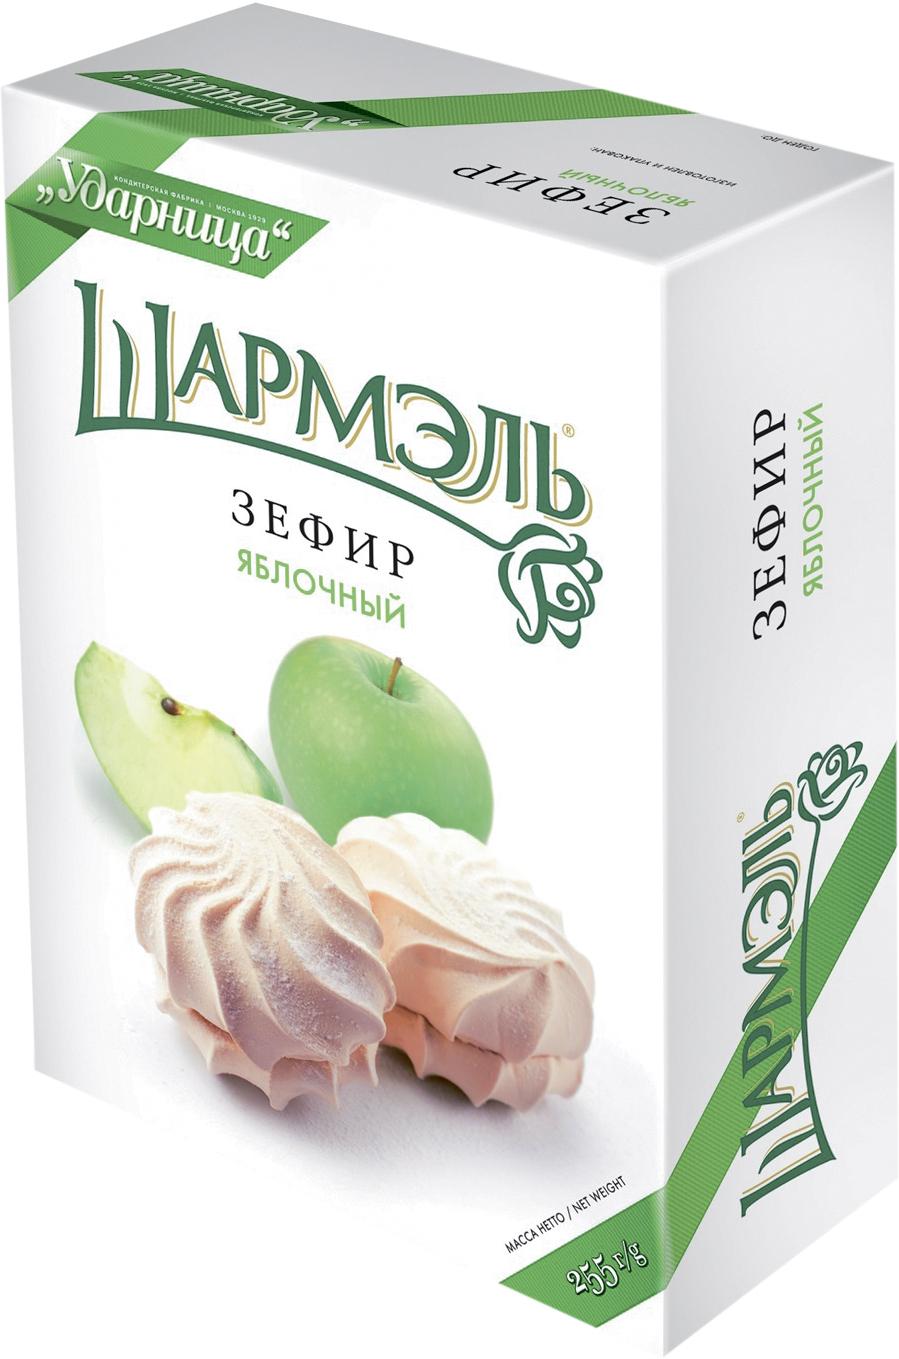 Зефир Яблочный Шармэль